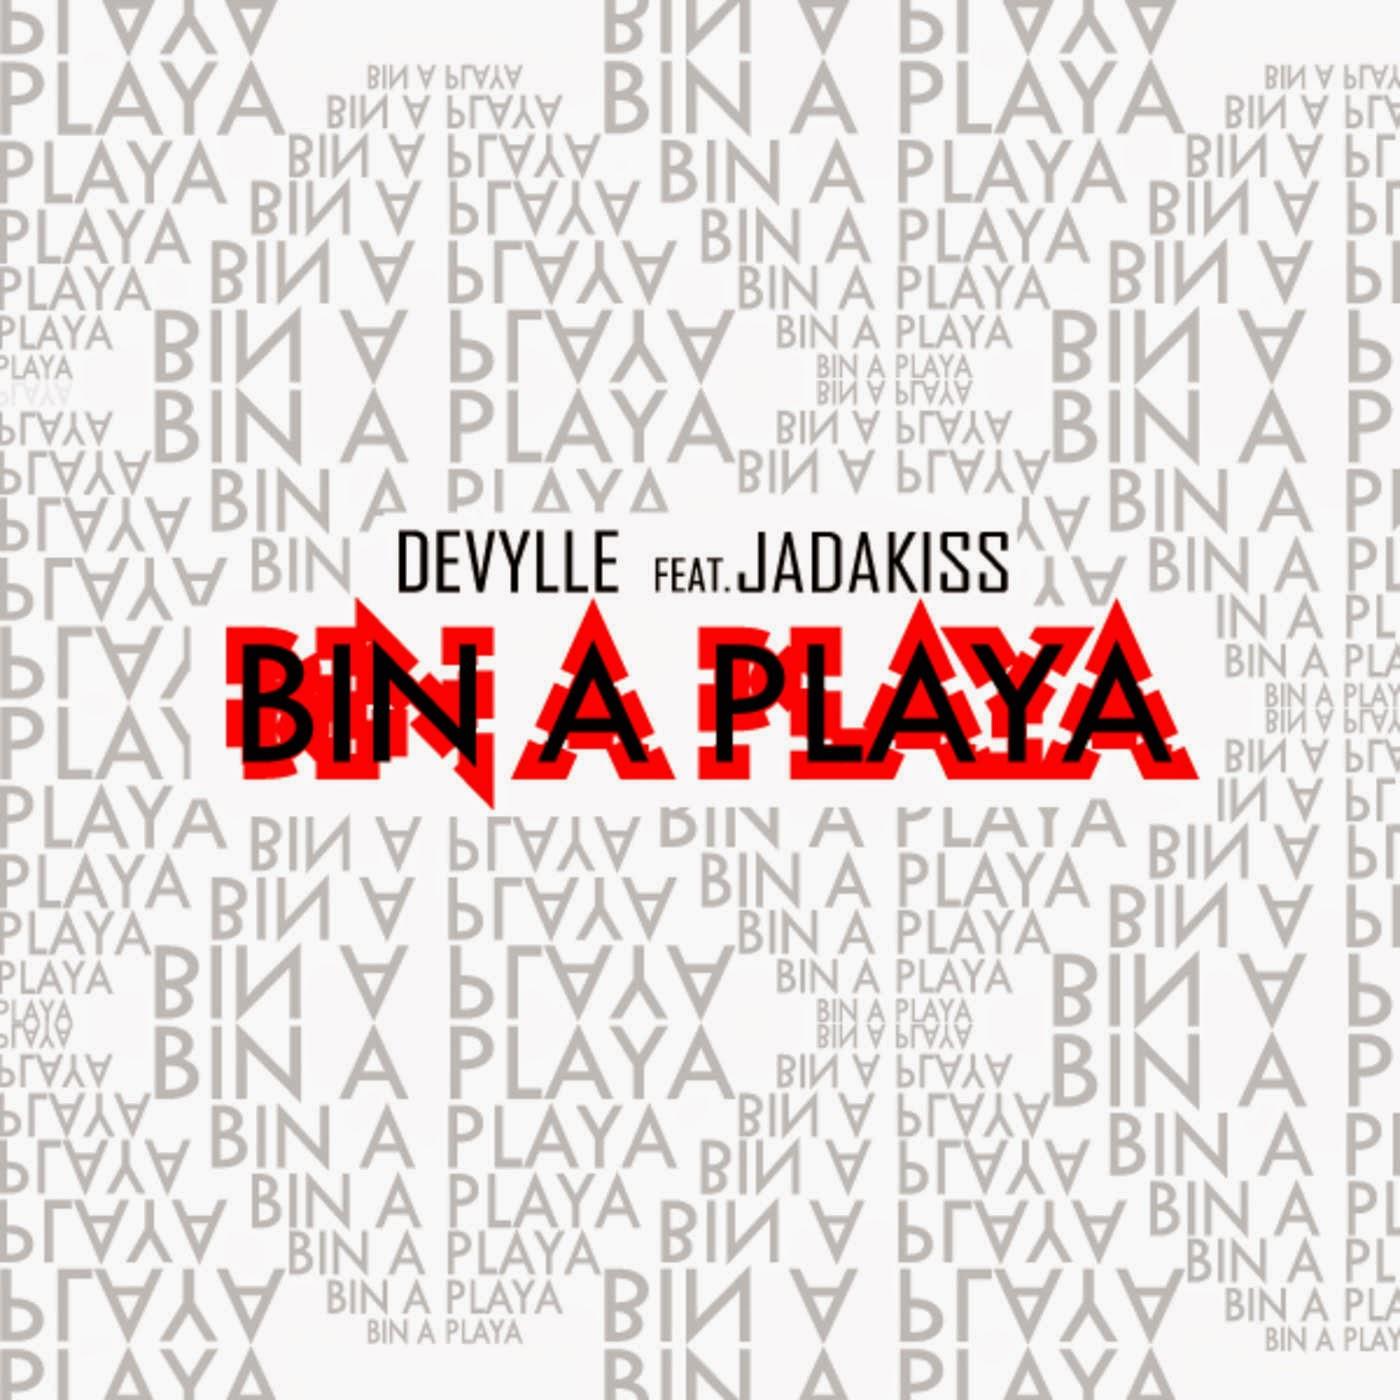 Devylle - Bin a Playa (feat. Jadakiss) - Single Cover